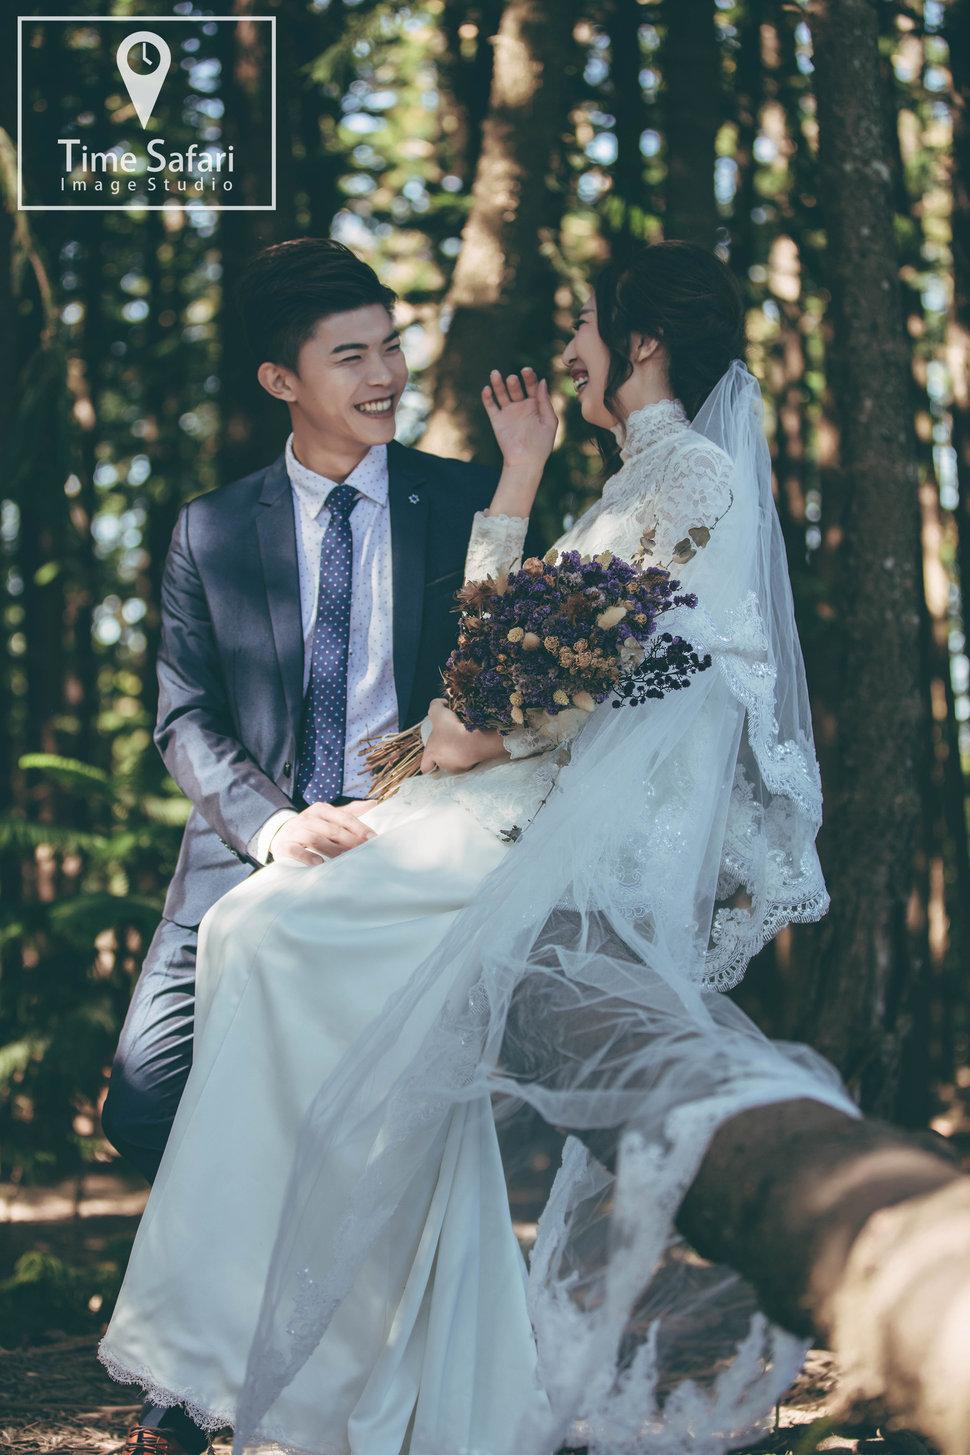 [經典、東方婚紗]因為有你(編號:306163) - TS image studio 時光行旅 - 結婚吧一站式婚禮服務平台